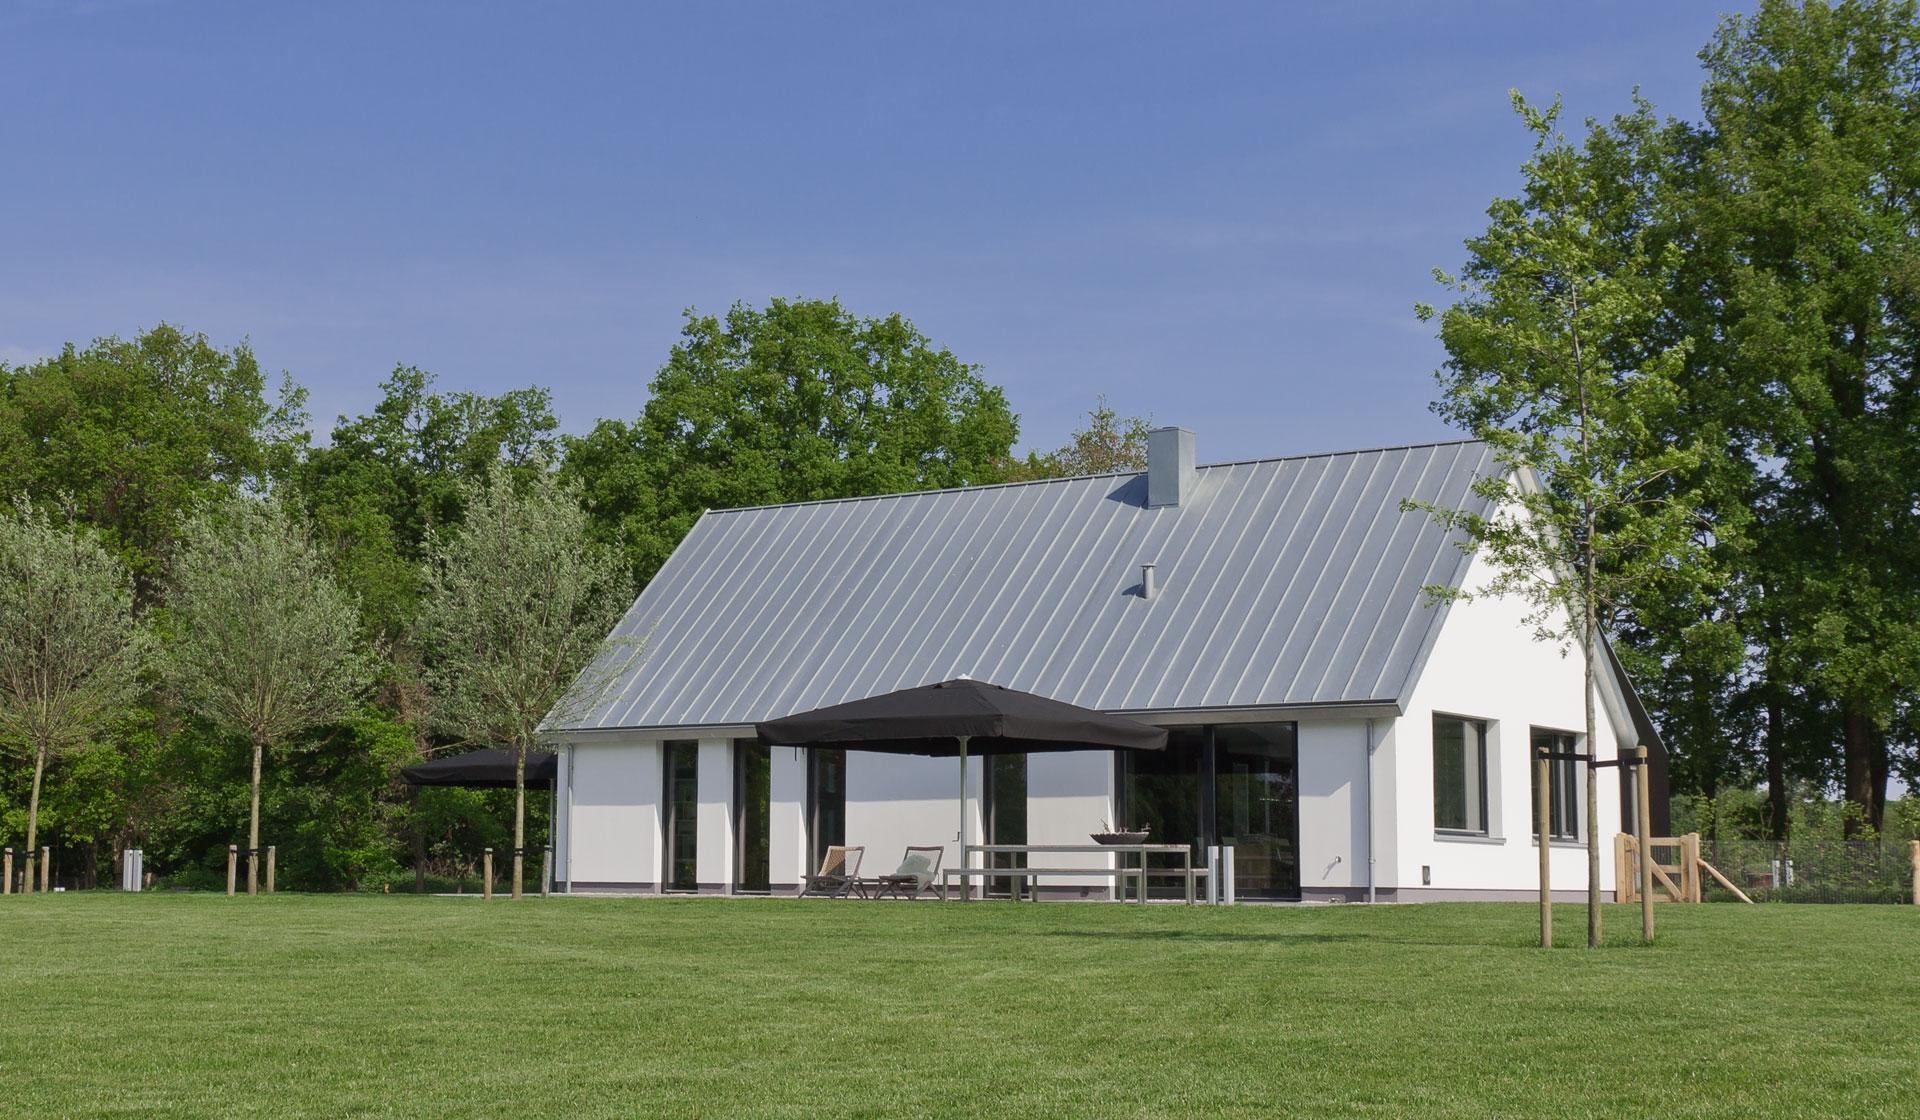 Vernieuwbouw Winterswijk - Het Fundament Architectuur